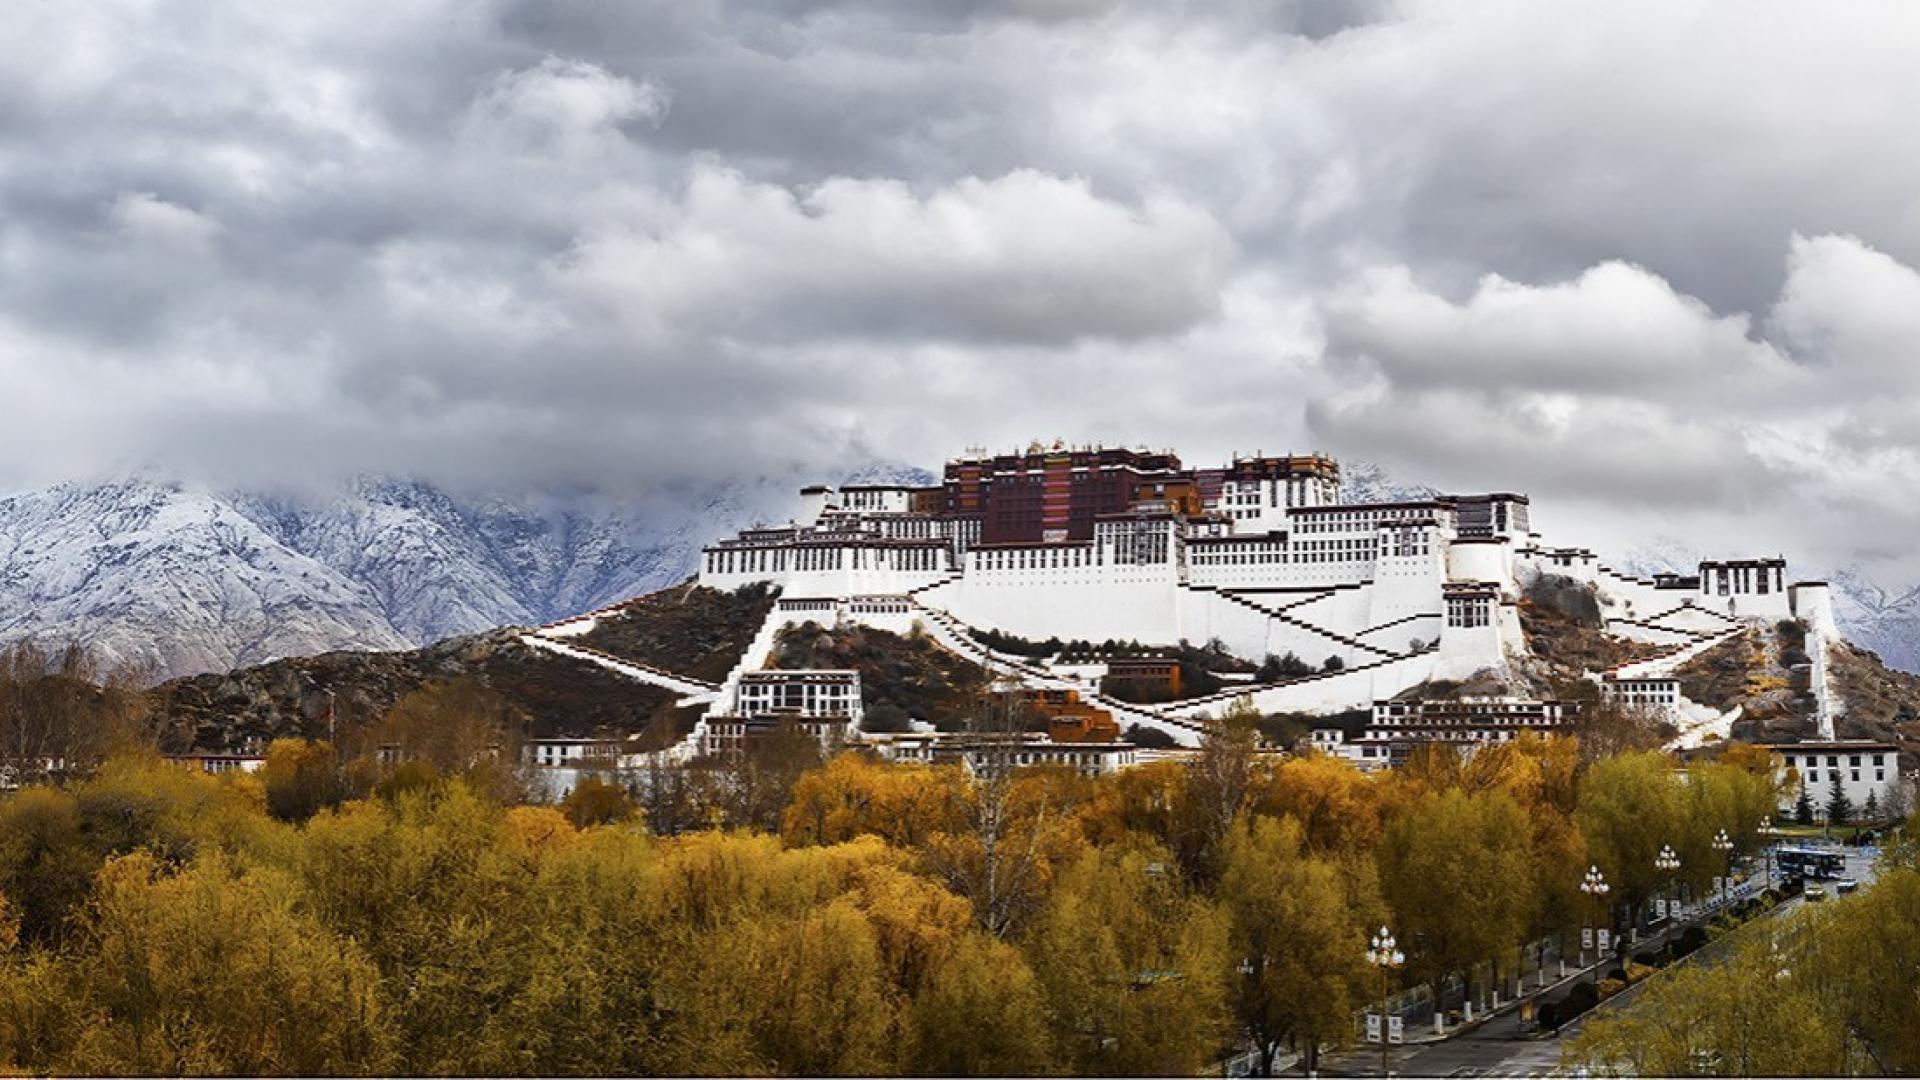 Tibet wallpaper 52610 1920x1080